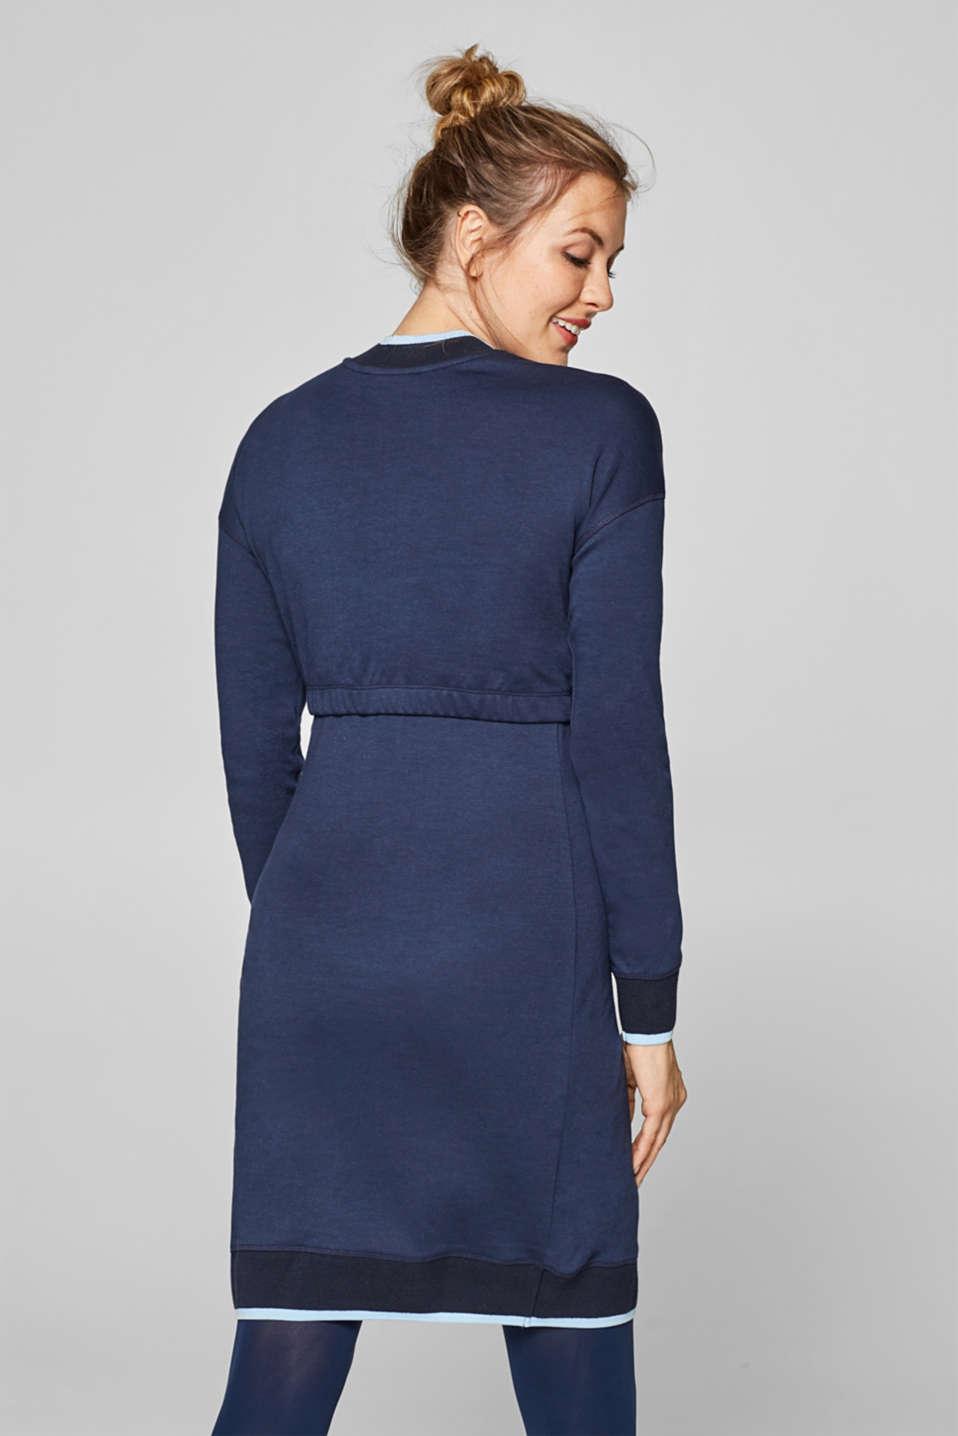 Nursing sweatshirt dress, LCNIGHT BLUE, detail image number 1